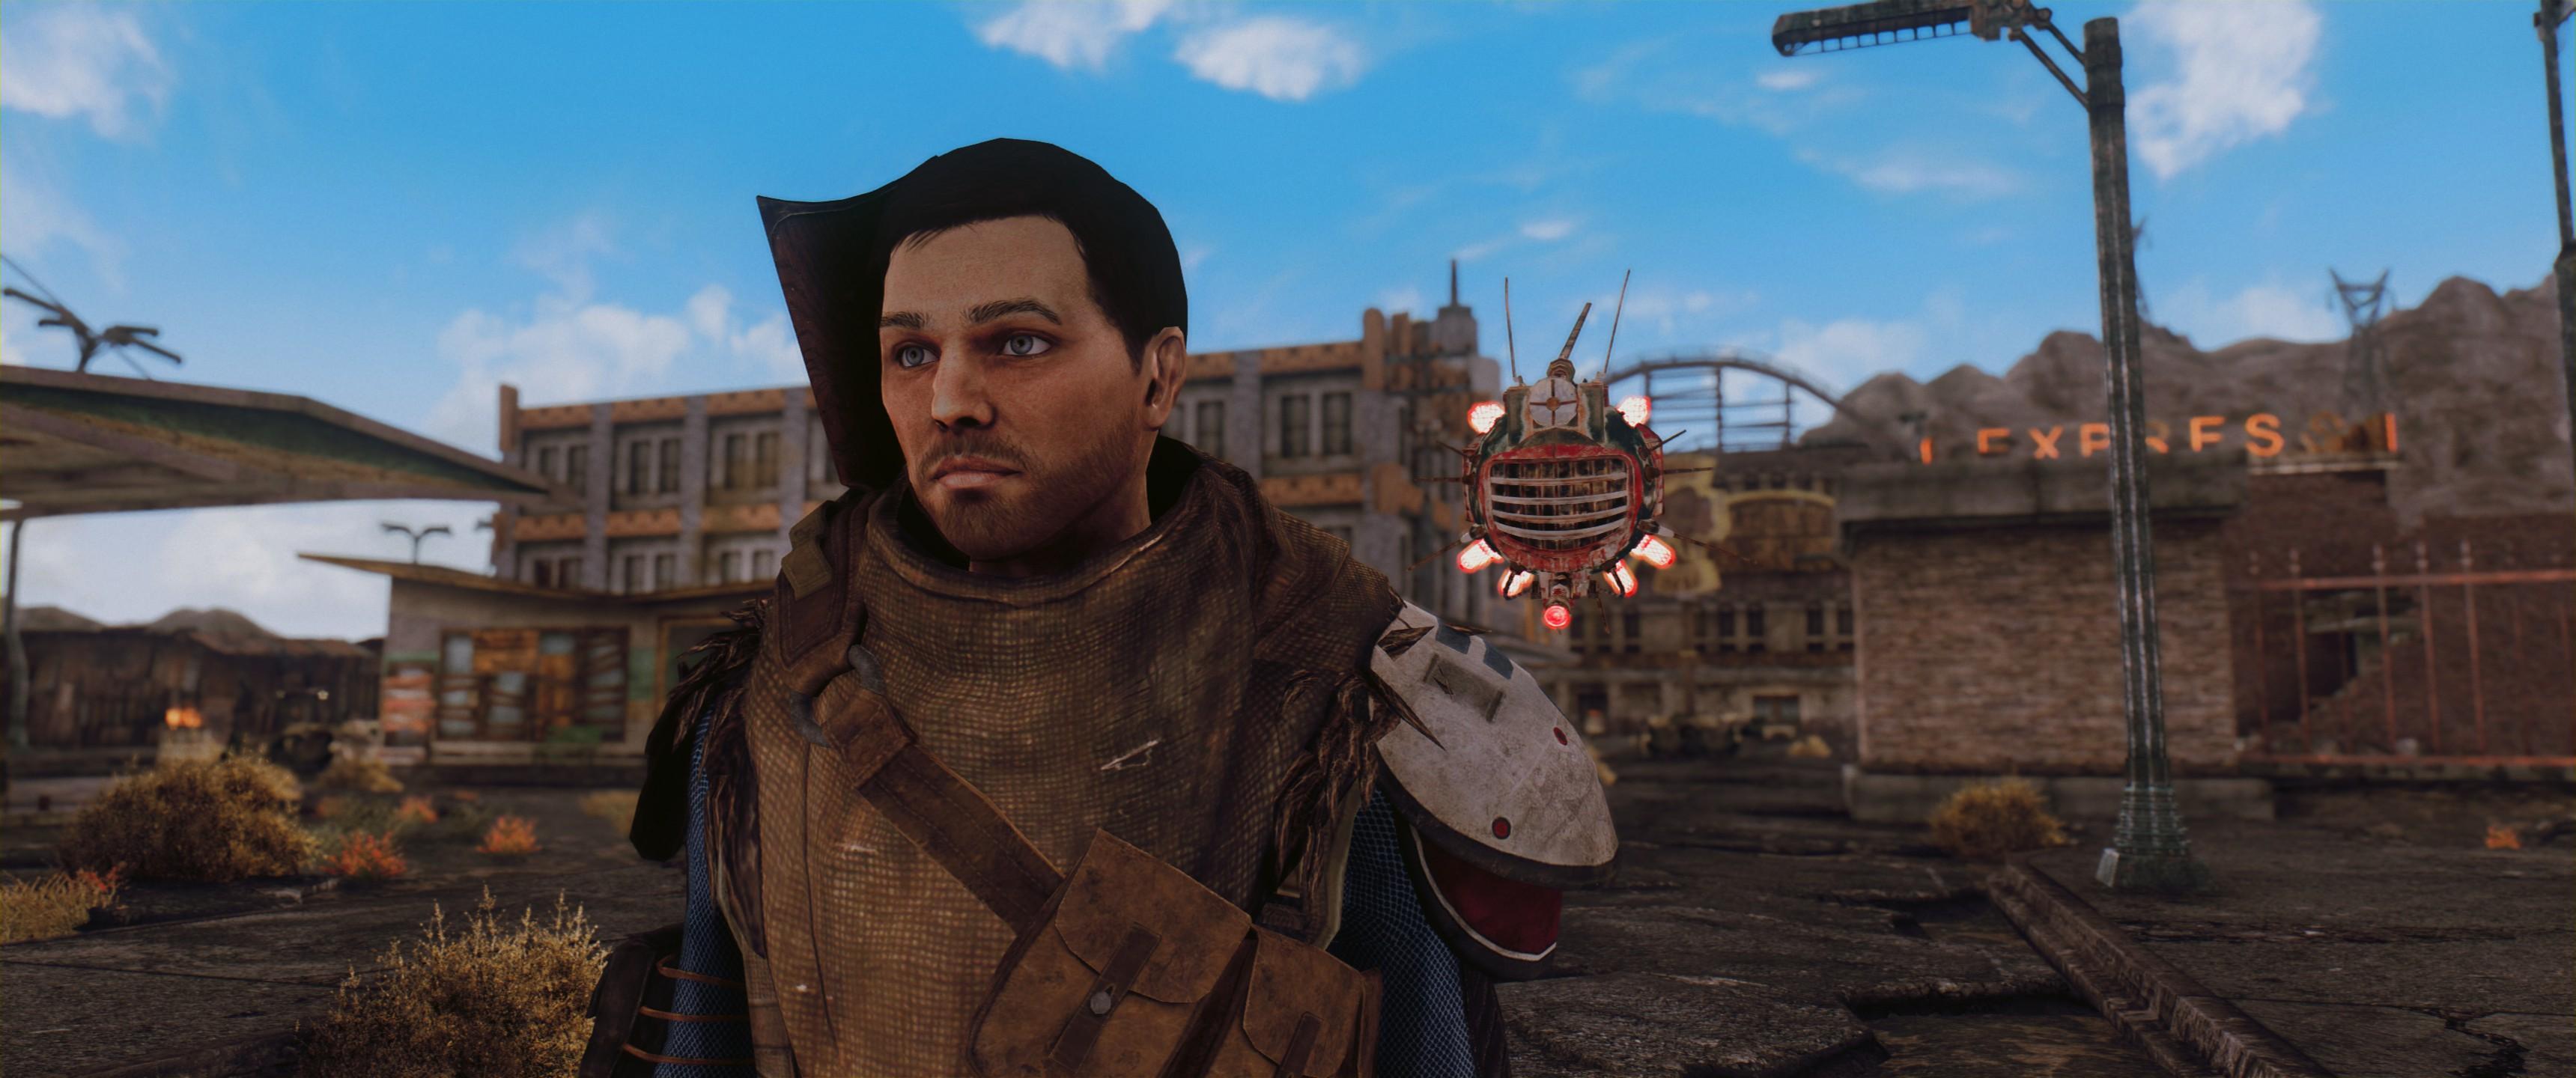 Fallout Screenshots XIII - Page 42 22380-screenshots-20190604185523-1